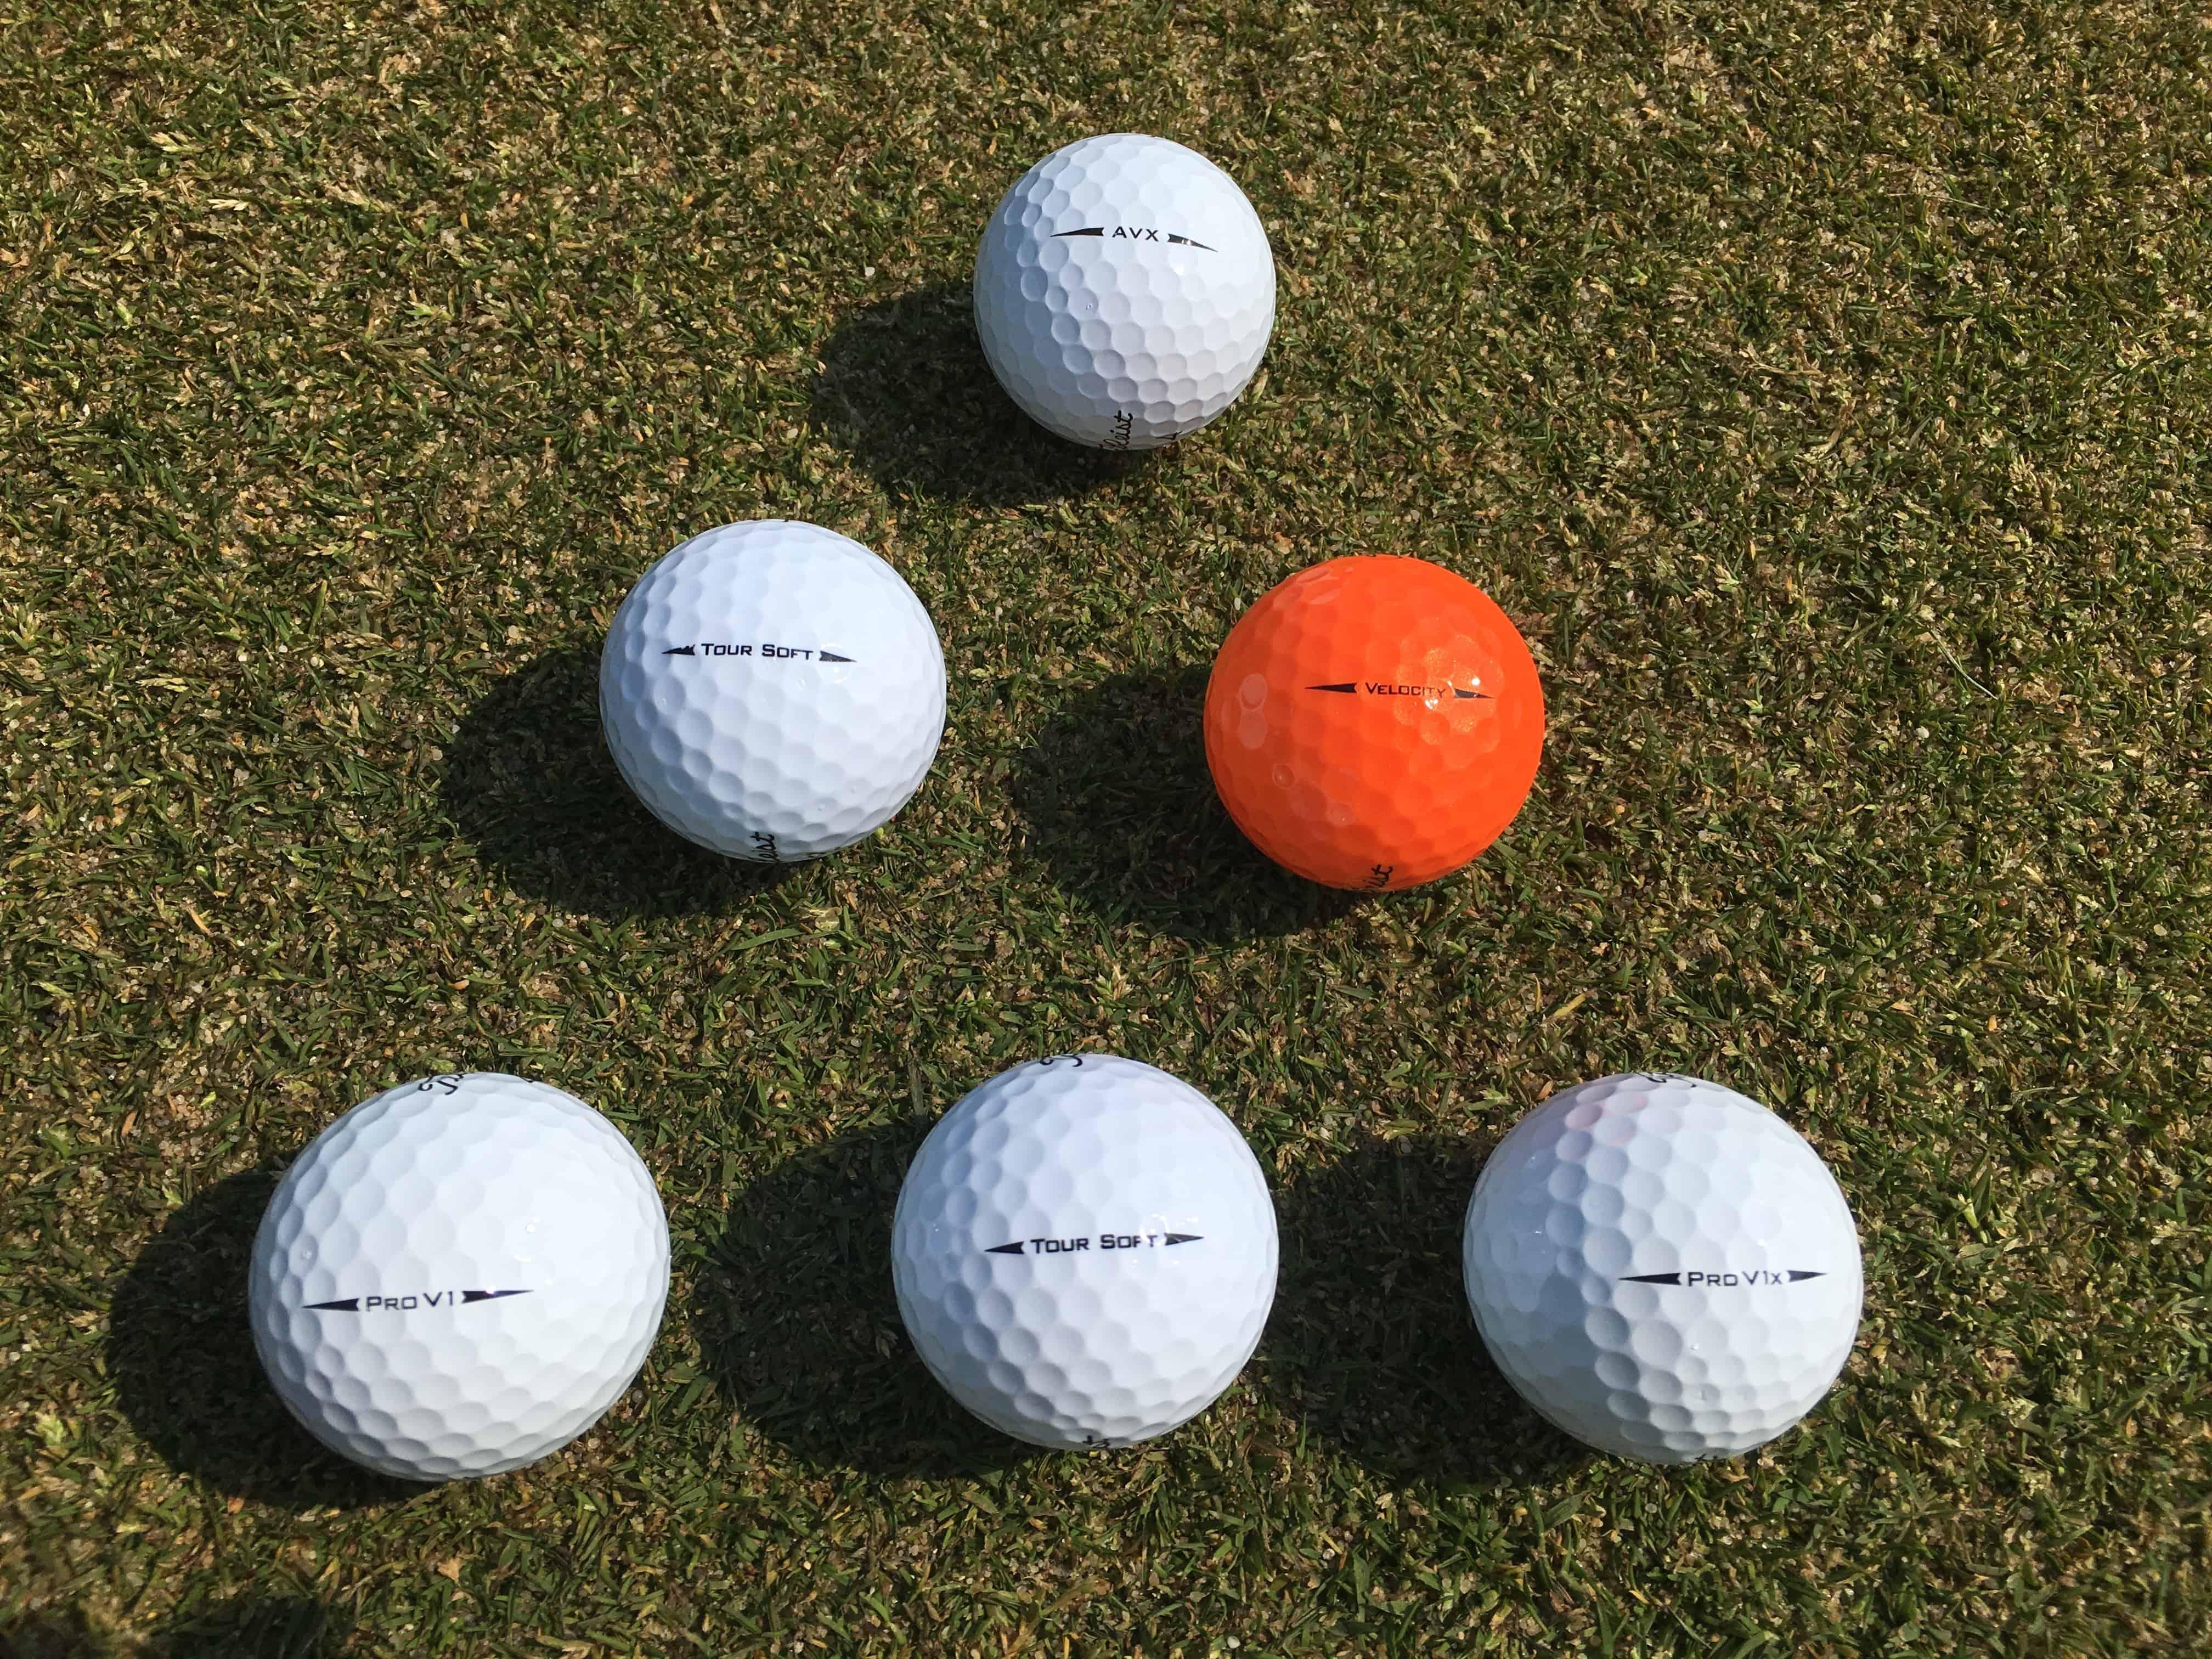 Ist der AVX die neue Speerspitze des Golfball-Portfolios von Titleist? (Foto: Golf Post)